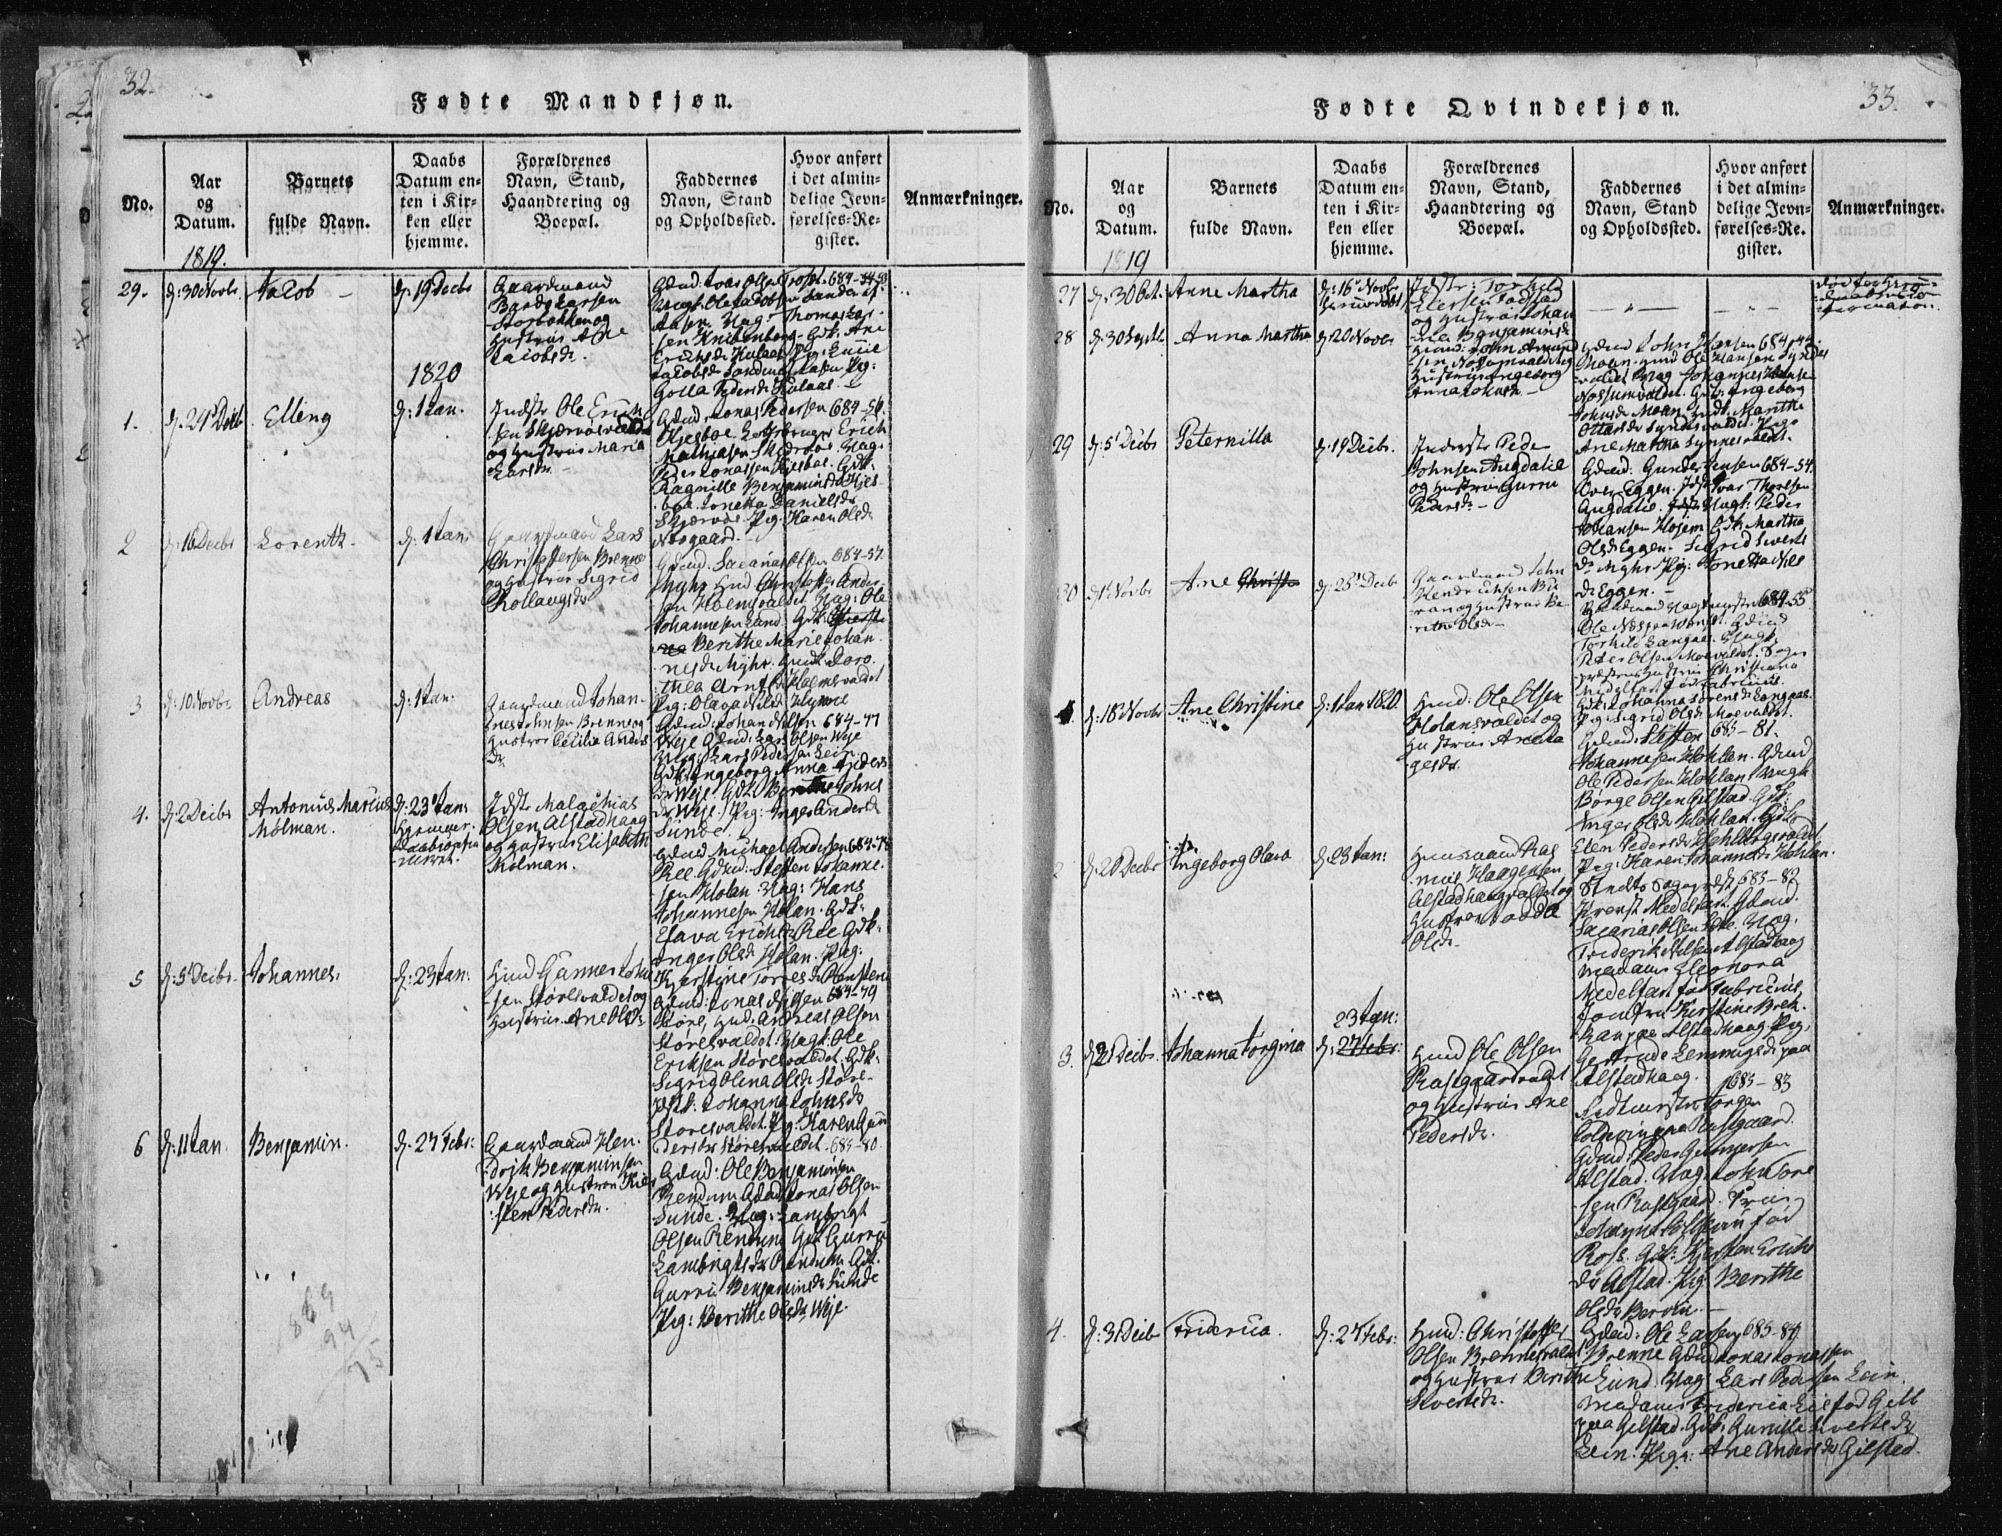 SAT, Ministerialprotokoller, klokkerbøker og fødselsregistre - Nord-Trøndelag, 717/L0148: Ministerialbok nr. 717A04 /1, 1816-1825, s. 32-33